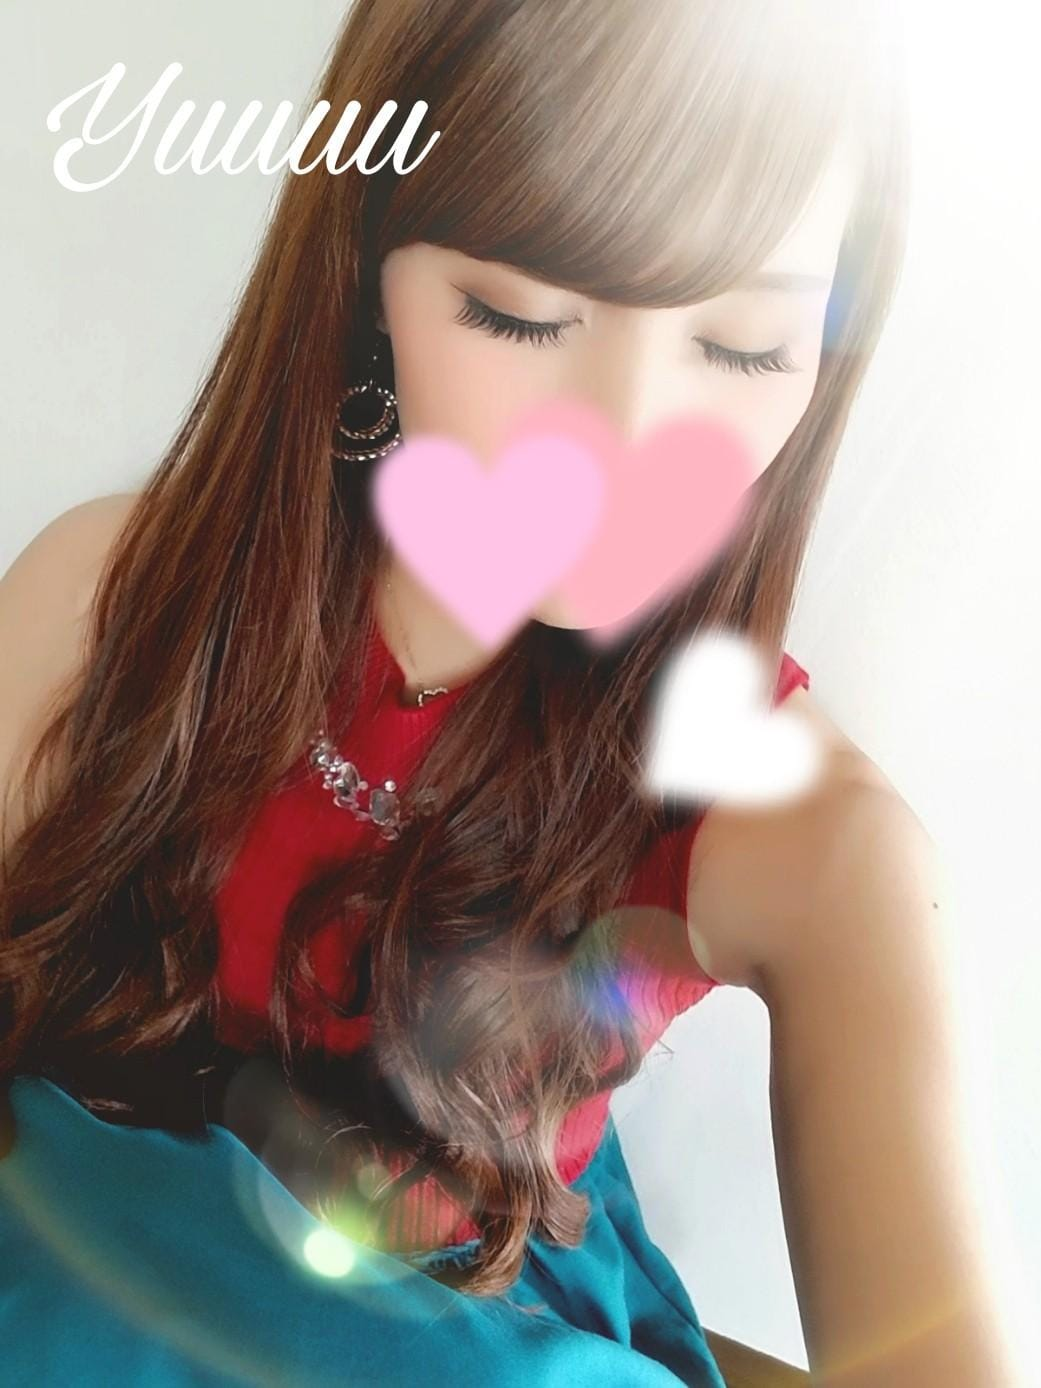 「Yuuuu♡帰宅」07/22日(日) 20:44 | 優羽(ゆう)の写メ・風俗動画